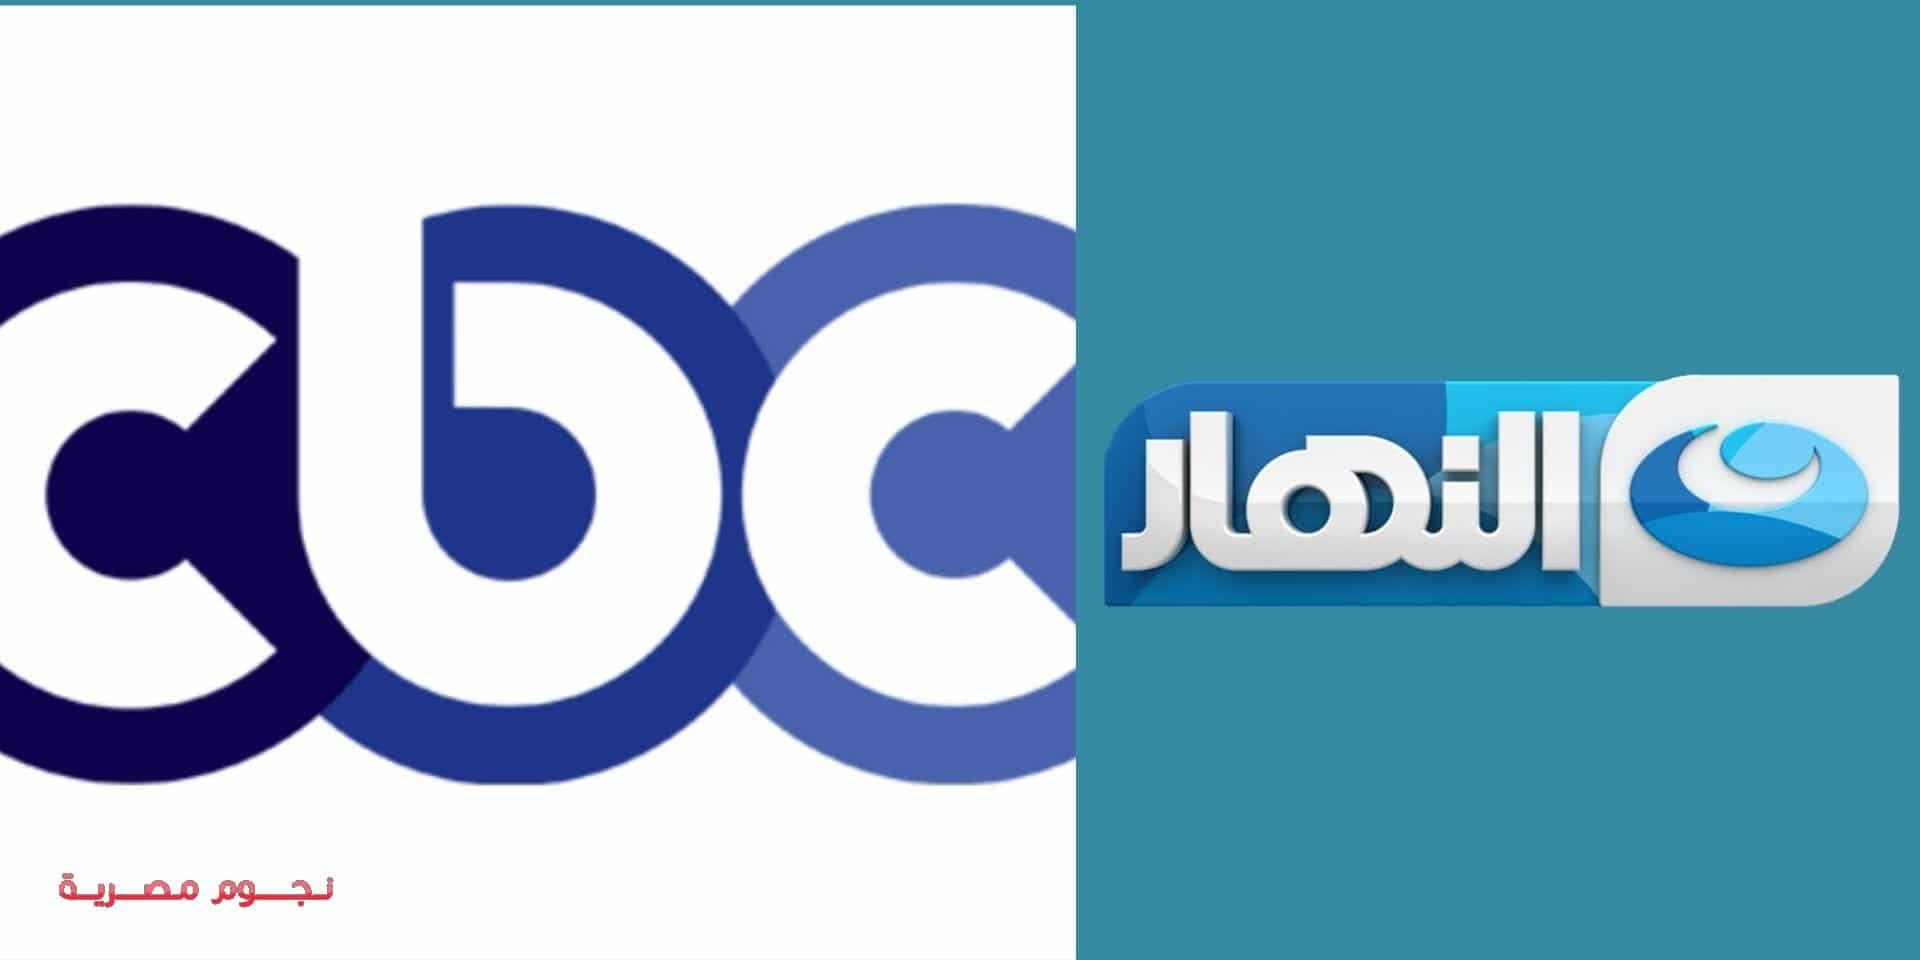 تعرف على الترددات الجديدة لقناة CBC 2021 على النايل سات